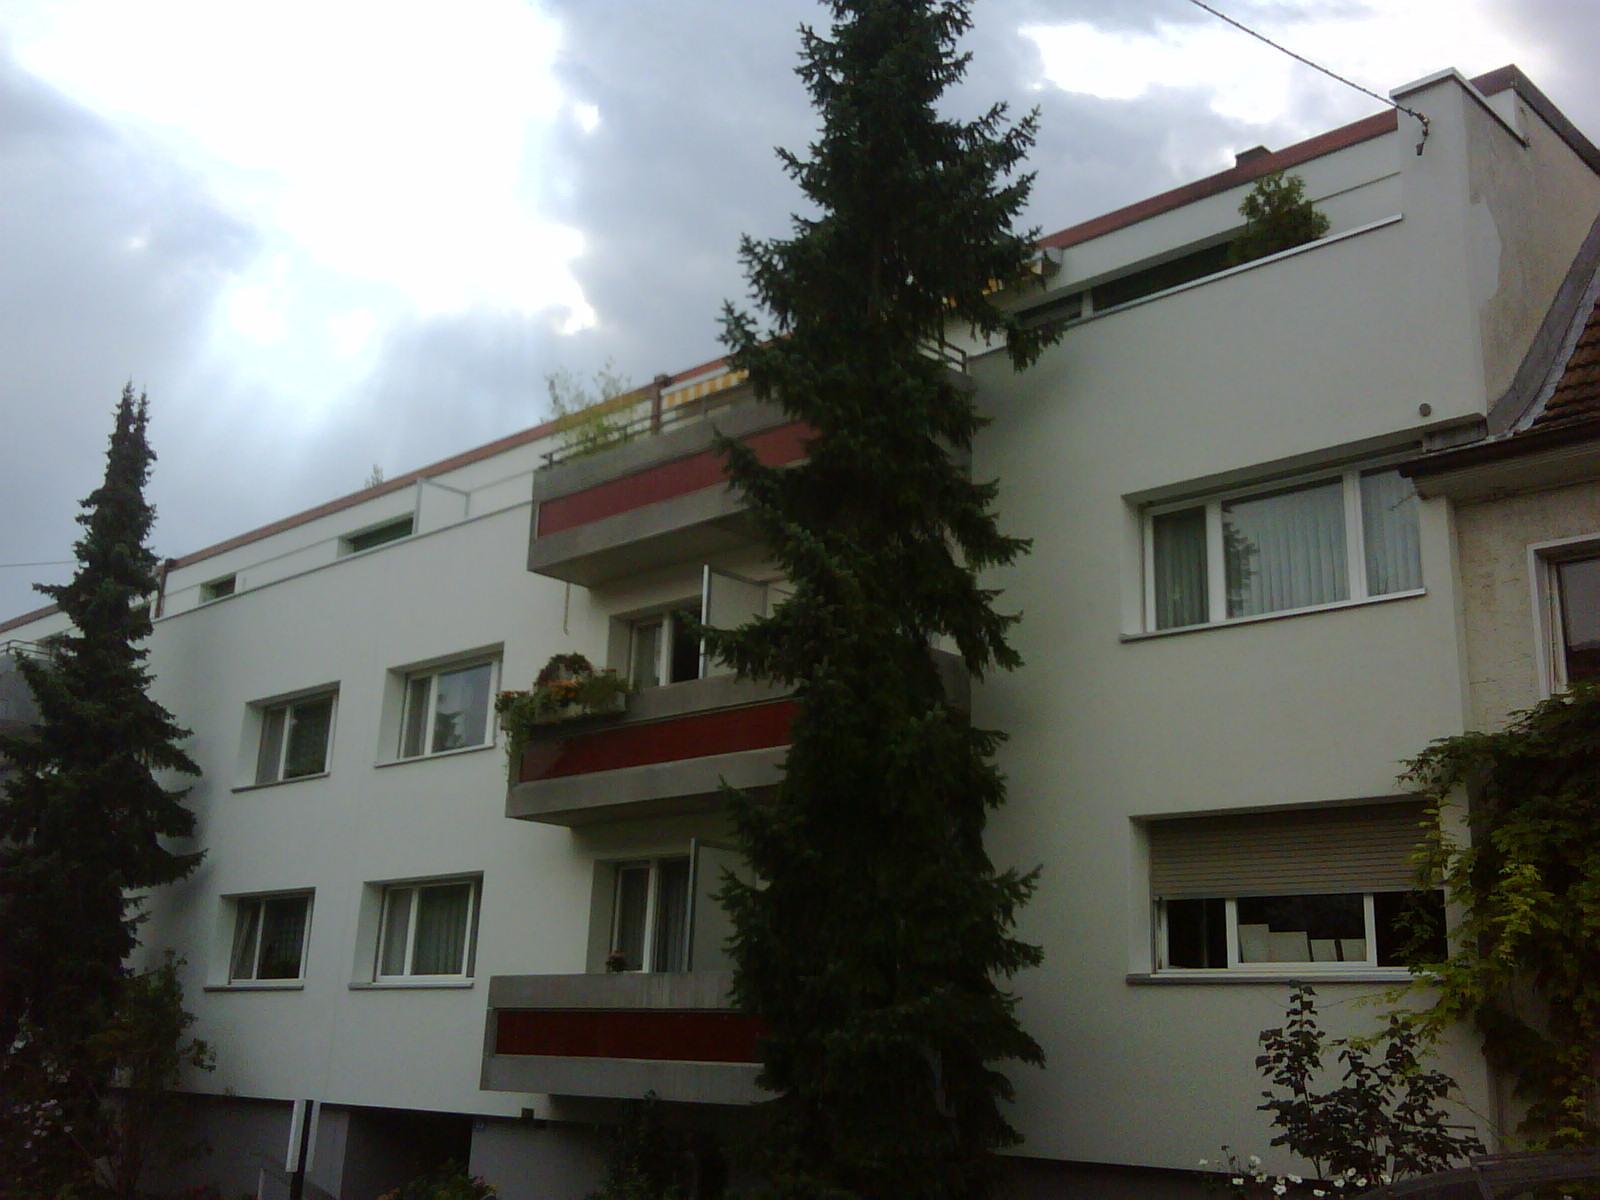 3,5-Zimmer-Wohnung in Basel-Neubad (verkauft)